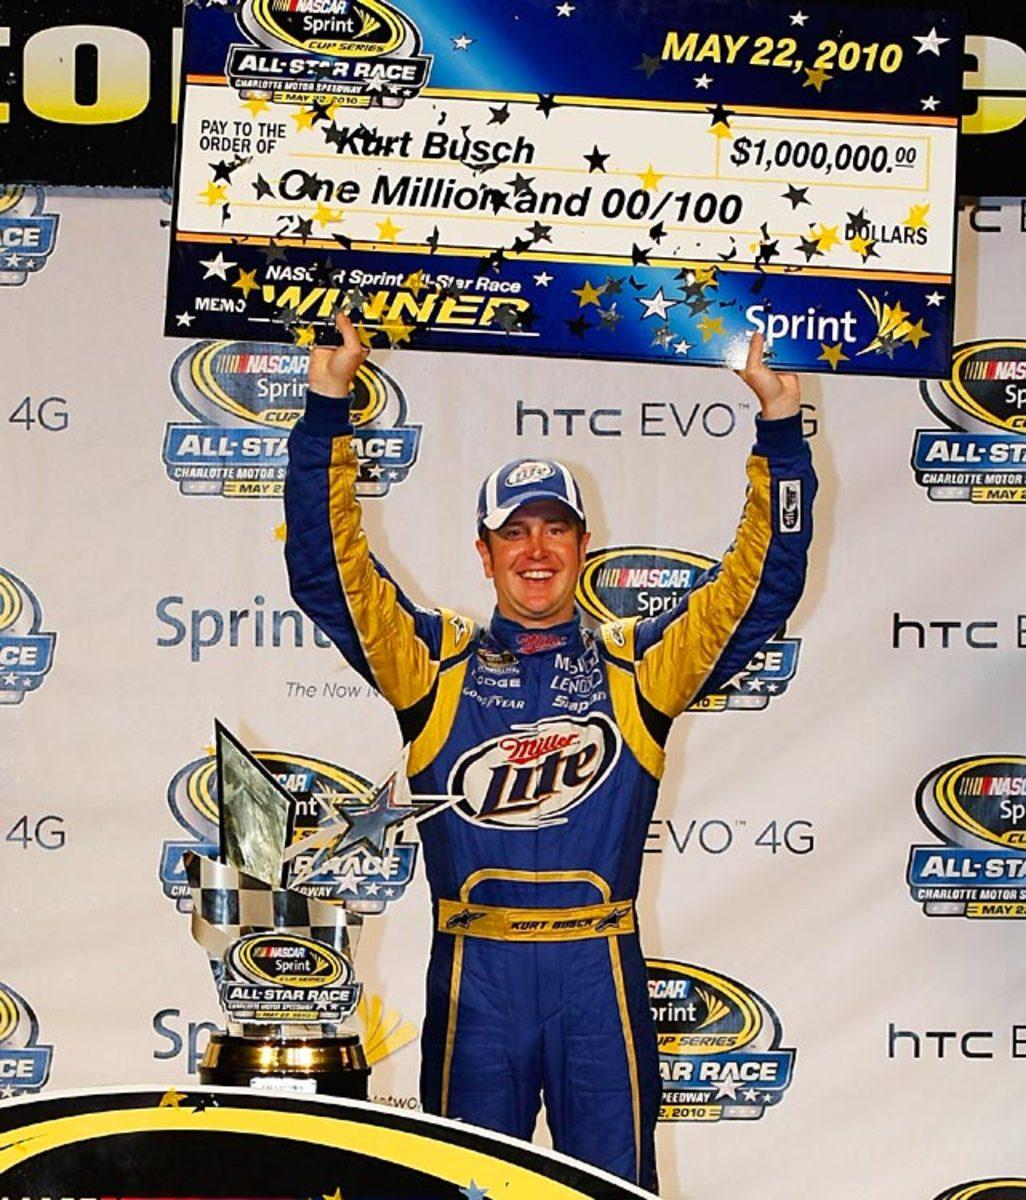 All-Star Race: Kurt Busch